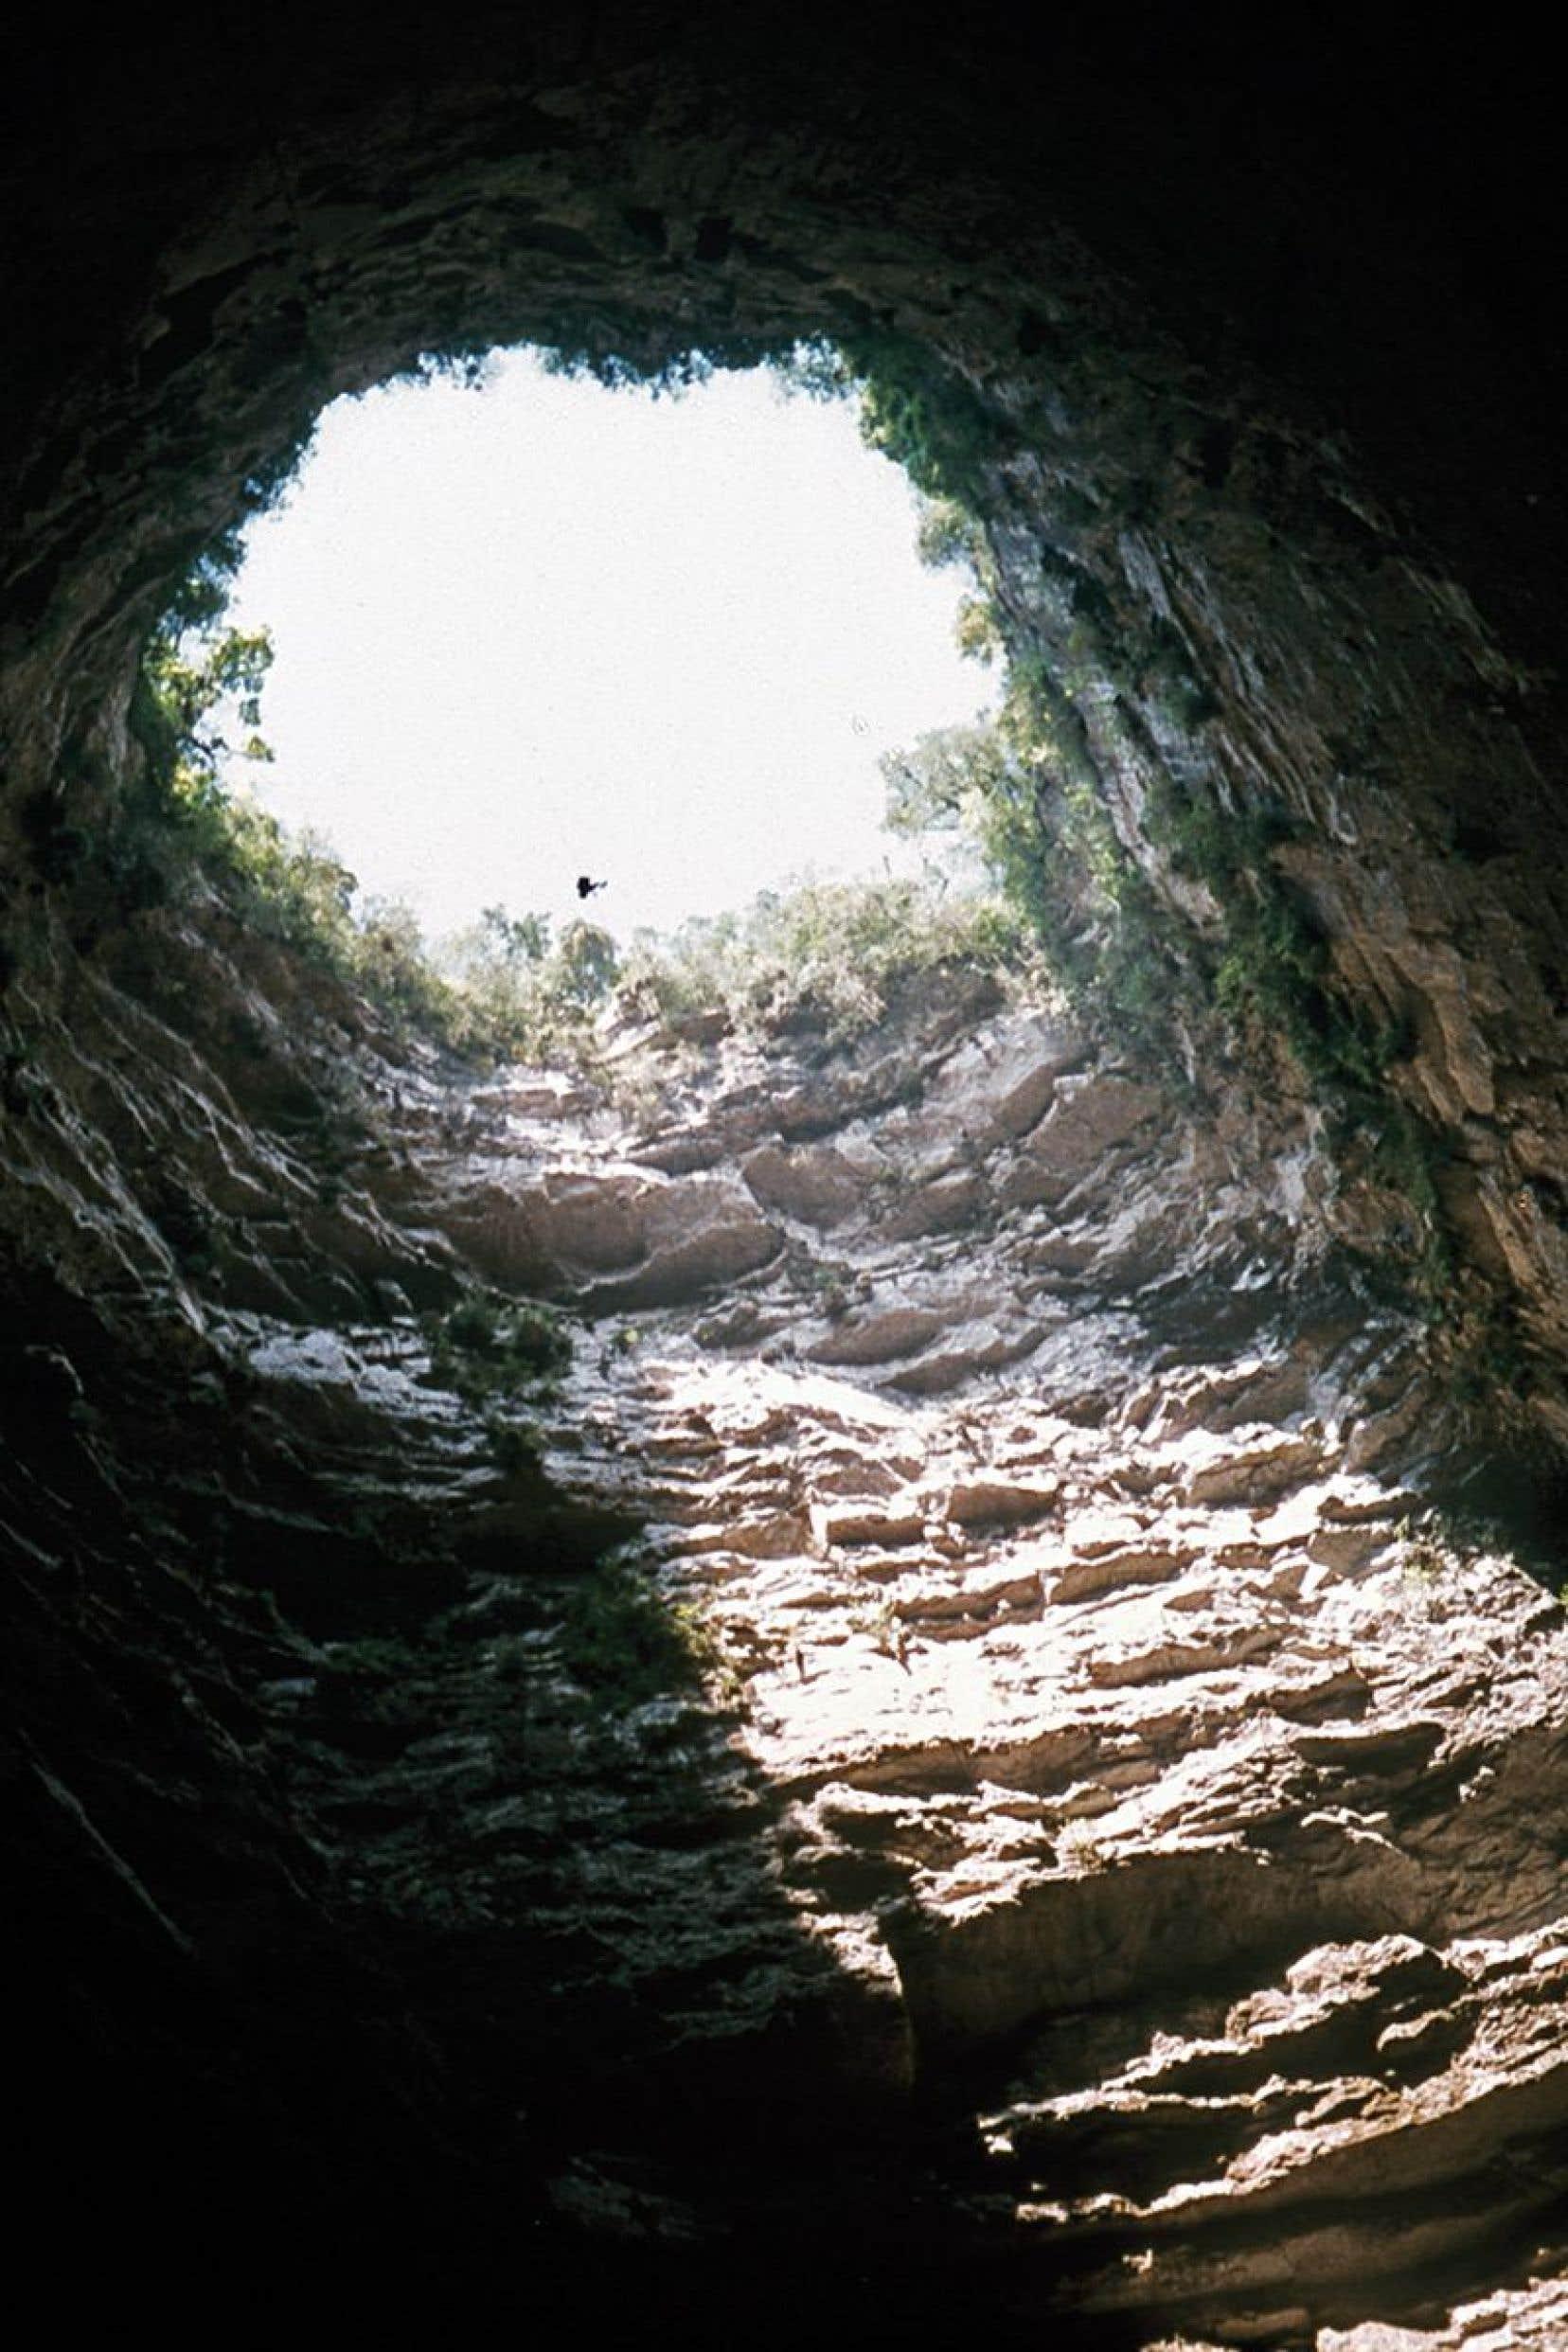 La cave El Sótano de las Golondrinas, d'un peu moins d'un demi-kilomètre de profondeur. Le soir, une colonie d'oiseaux retournent à 150km/h y passer la nuit dans leur nid.